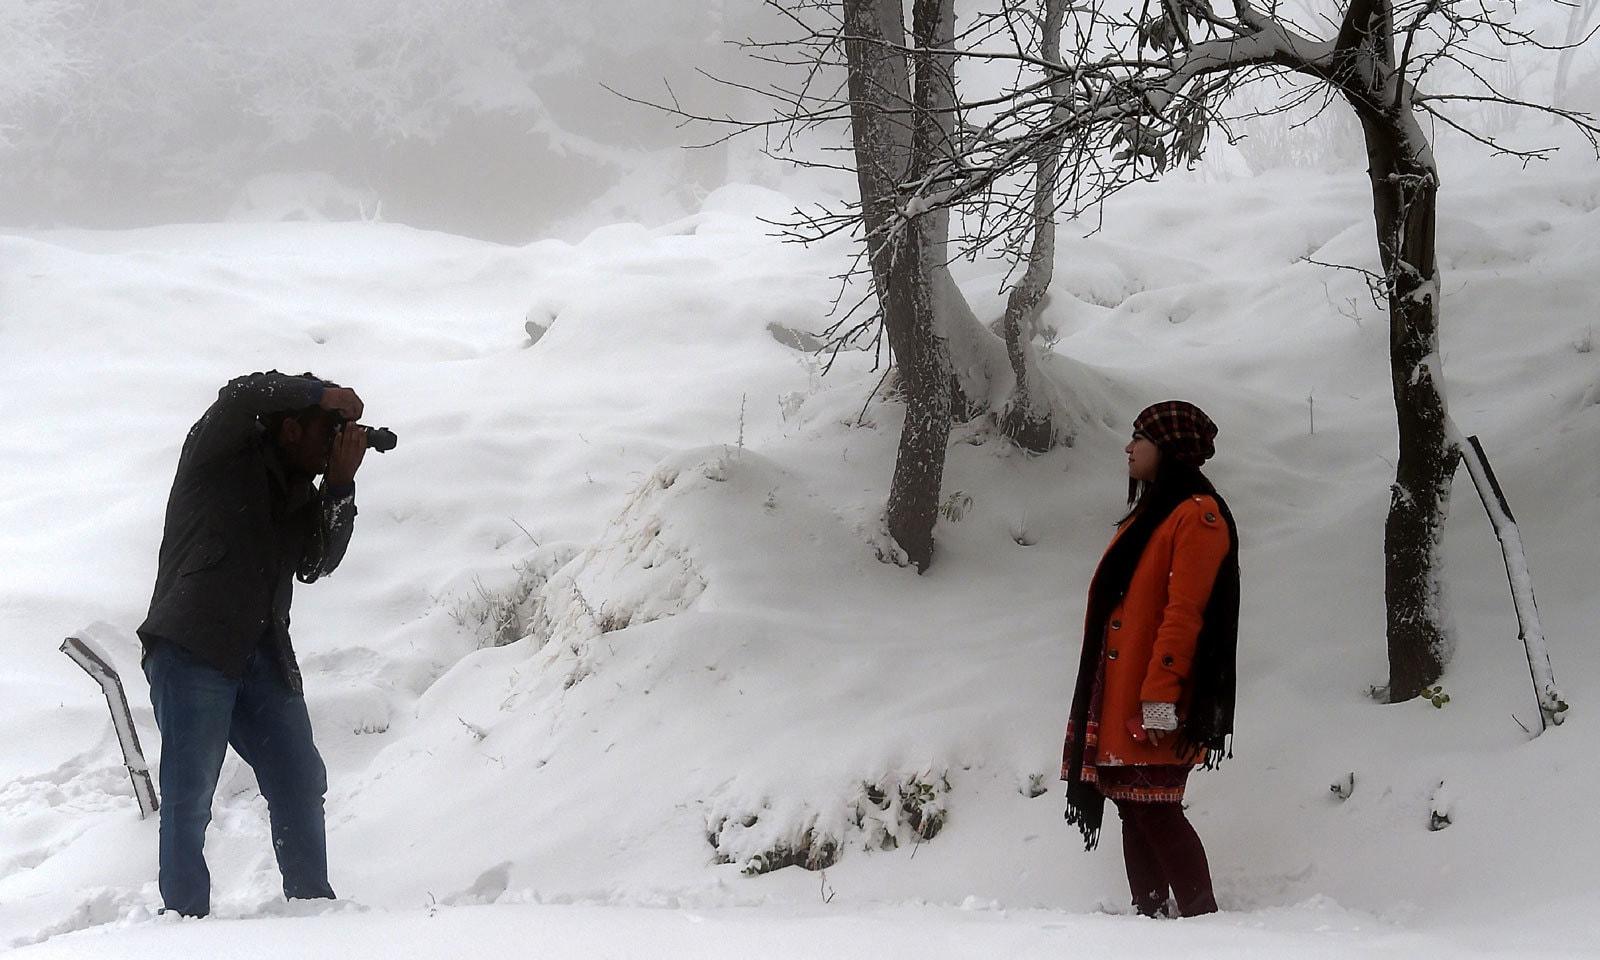 سرد موسم اور برفباری سے لطف اندوز ہونے کے لیے سیاح کھینچے چلے آرہے ہیں — فوٹو: اے ایف پی